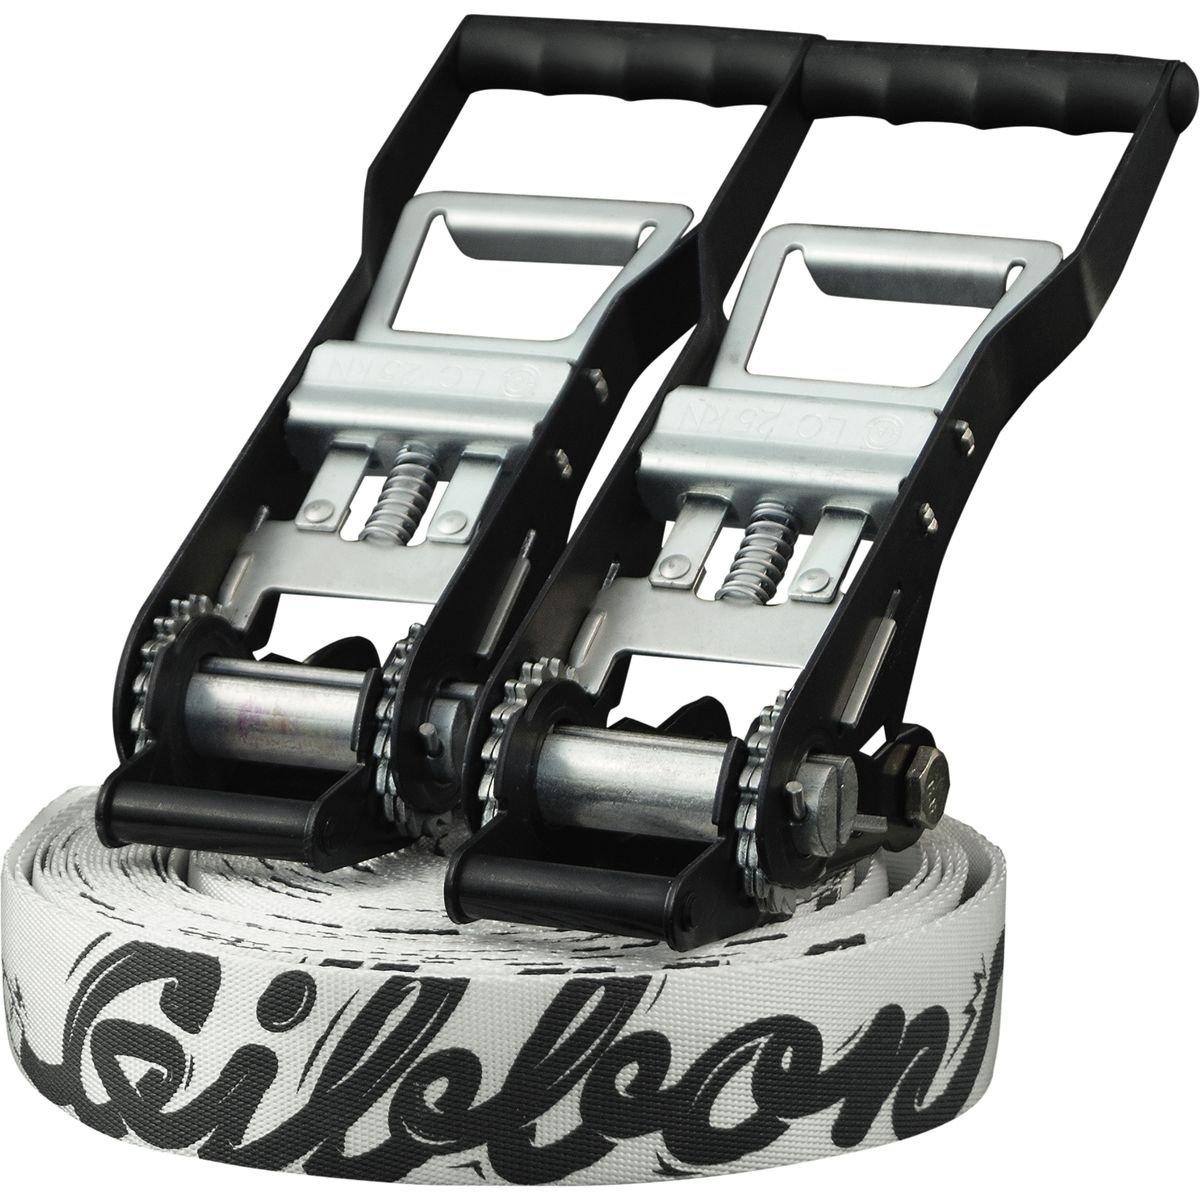 Gibbon Slacklines Andy Lewis Trickline Pro Slackline Set